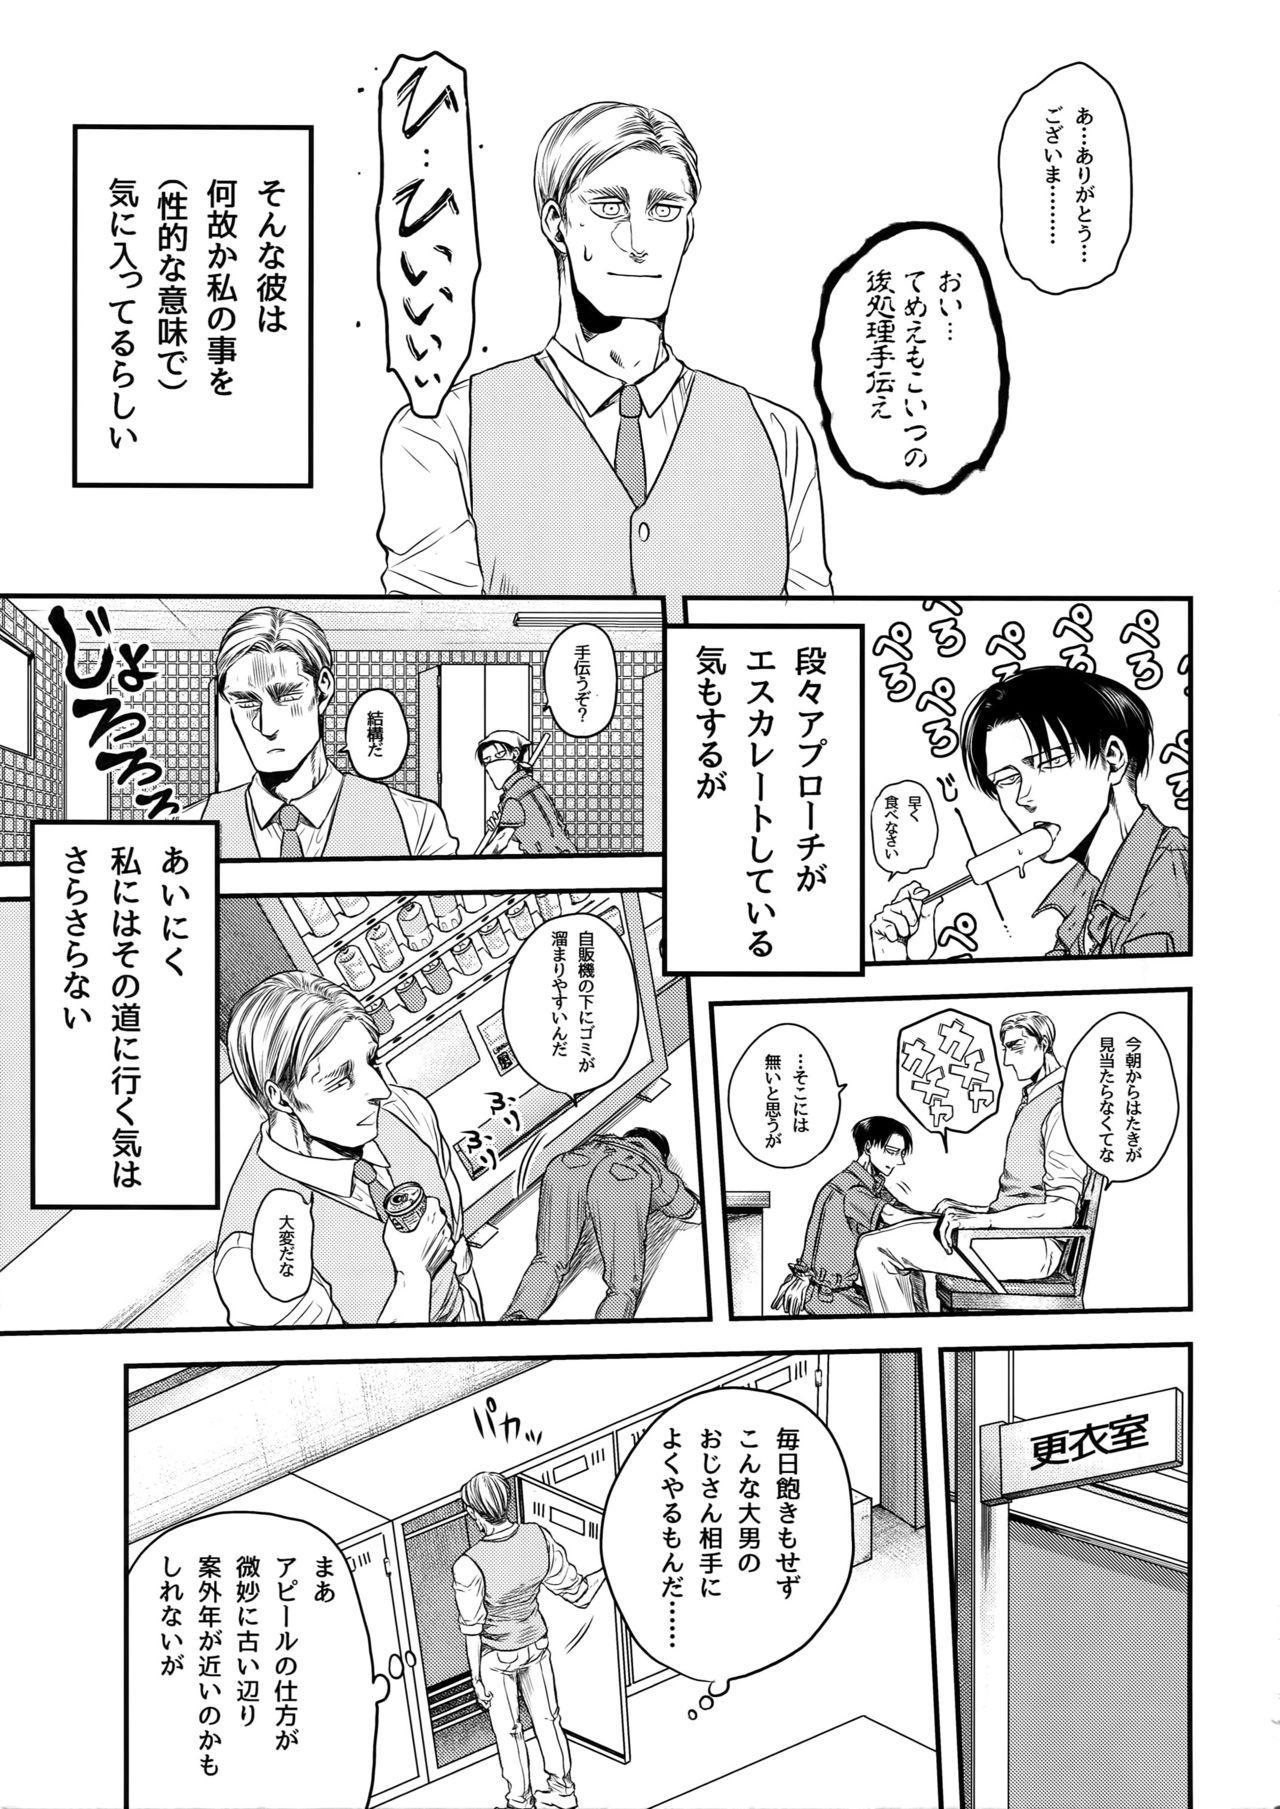 Rekishi Kyoushi to Seisouin 3